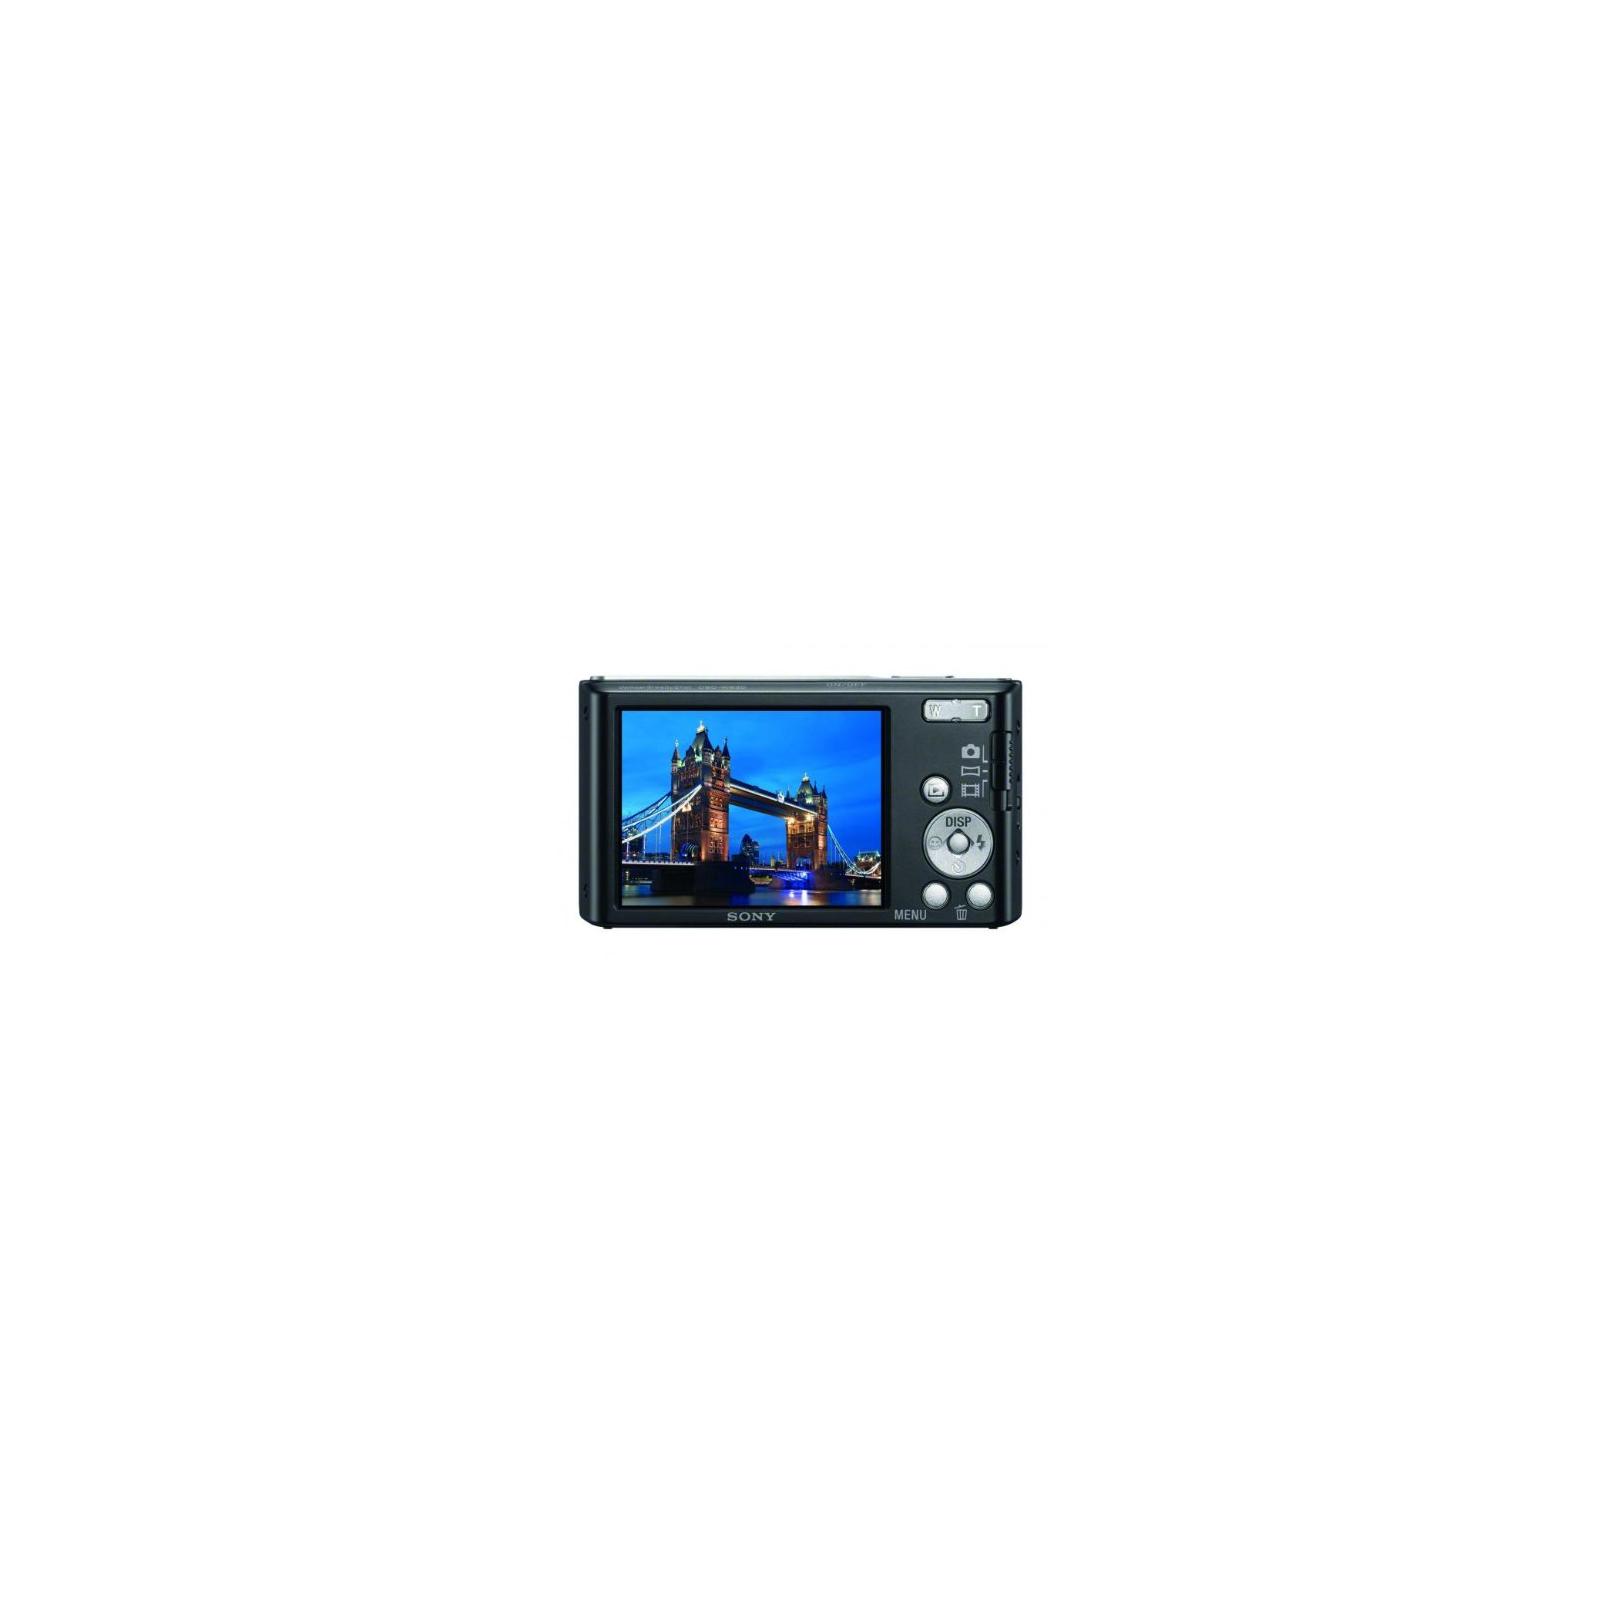 Цифровой фотоаппарат SONY Cyber-Shot W830 Black (DSCW830B.RU3) изображение 4